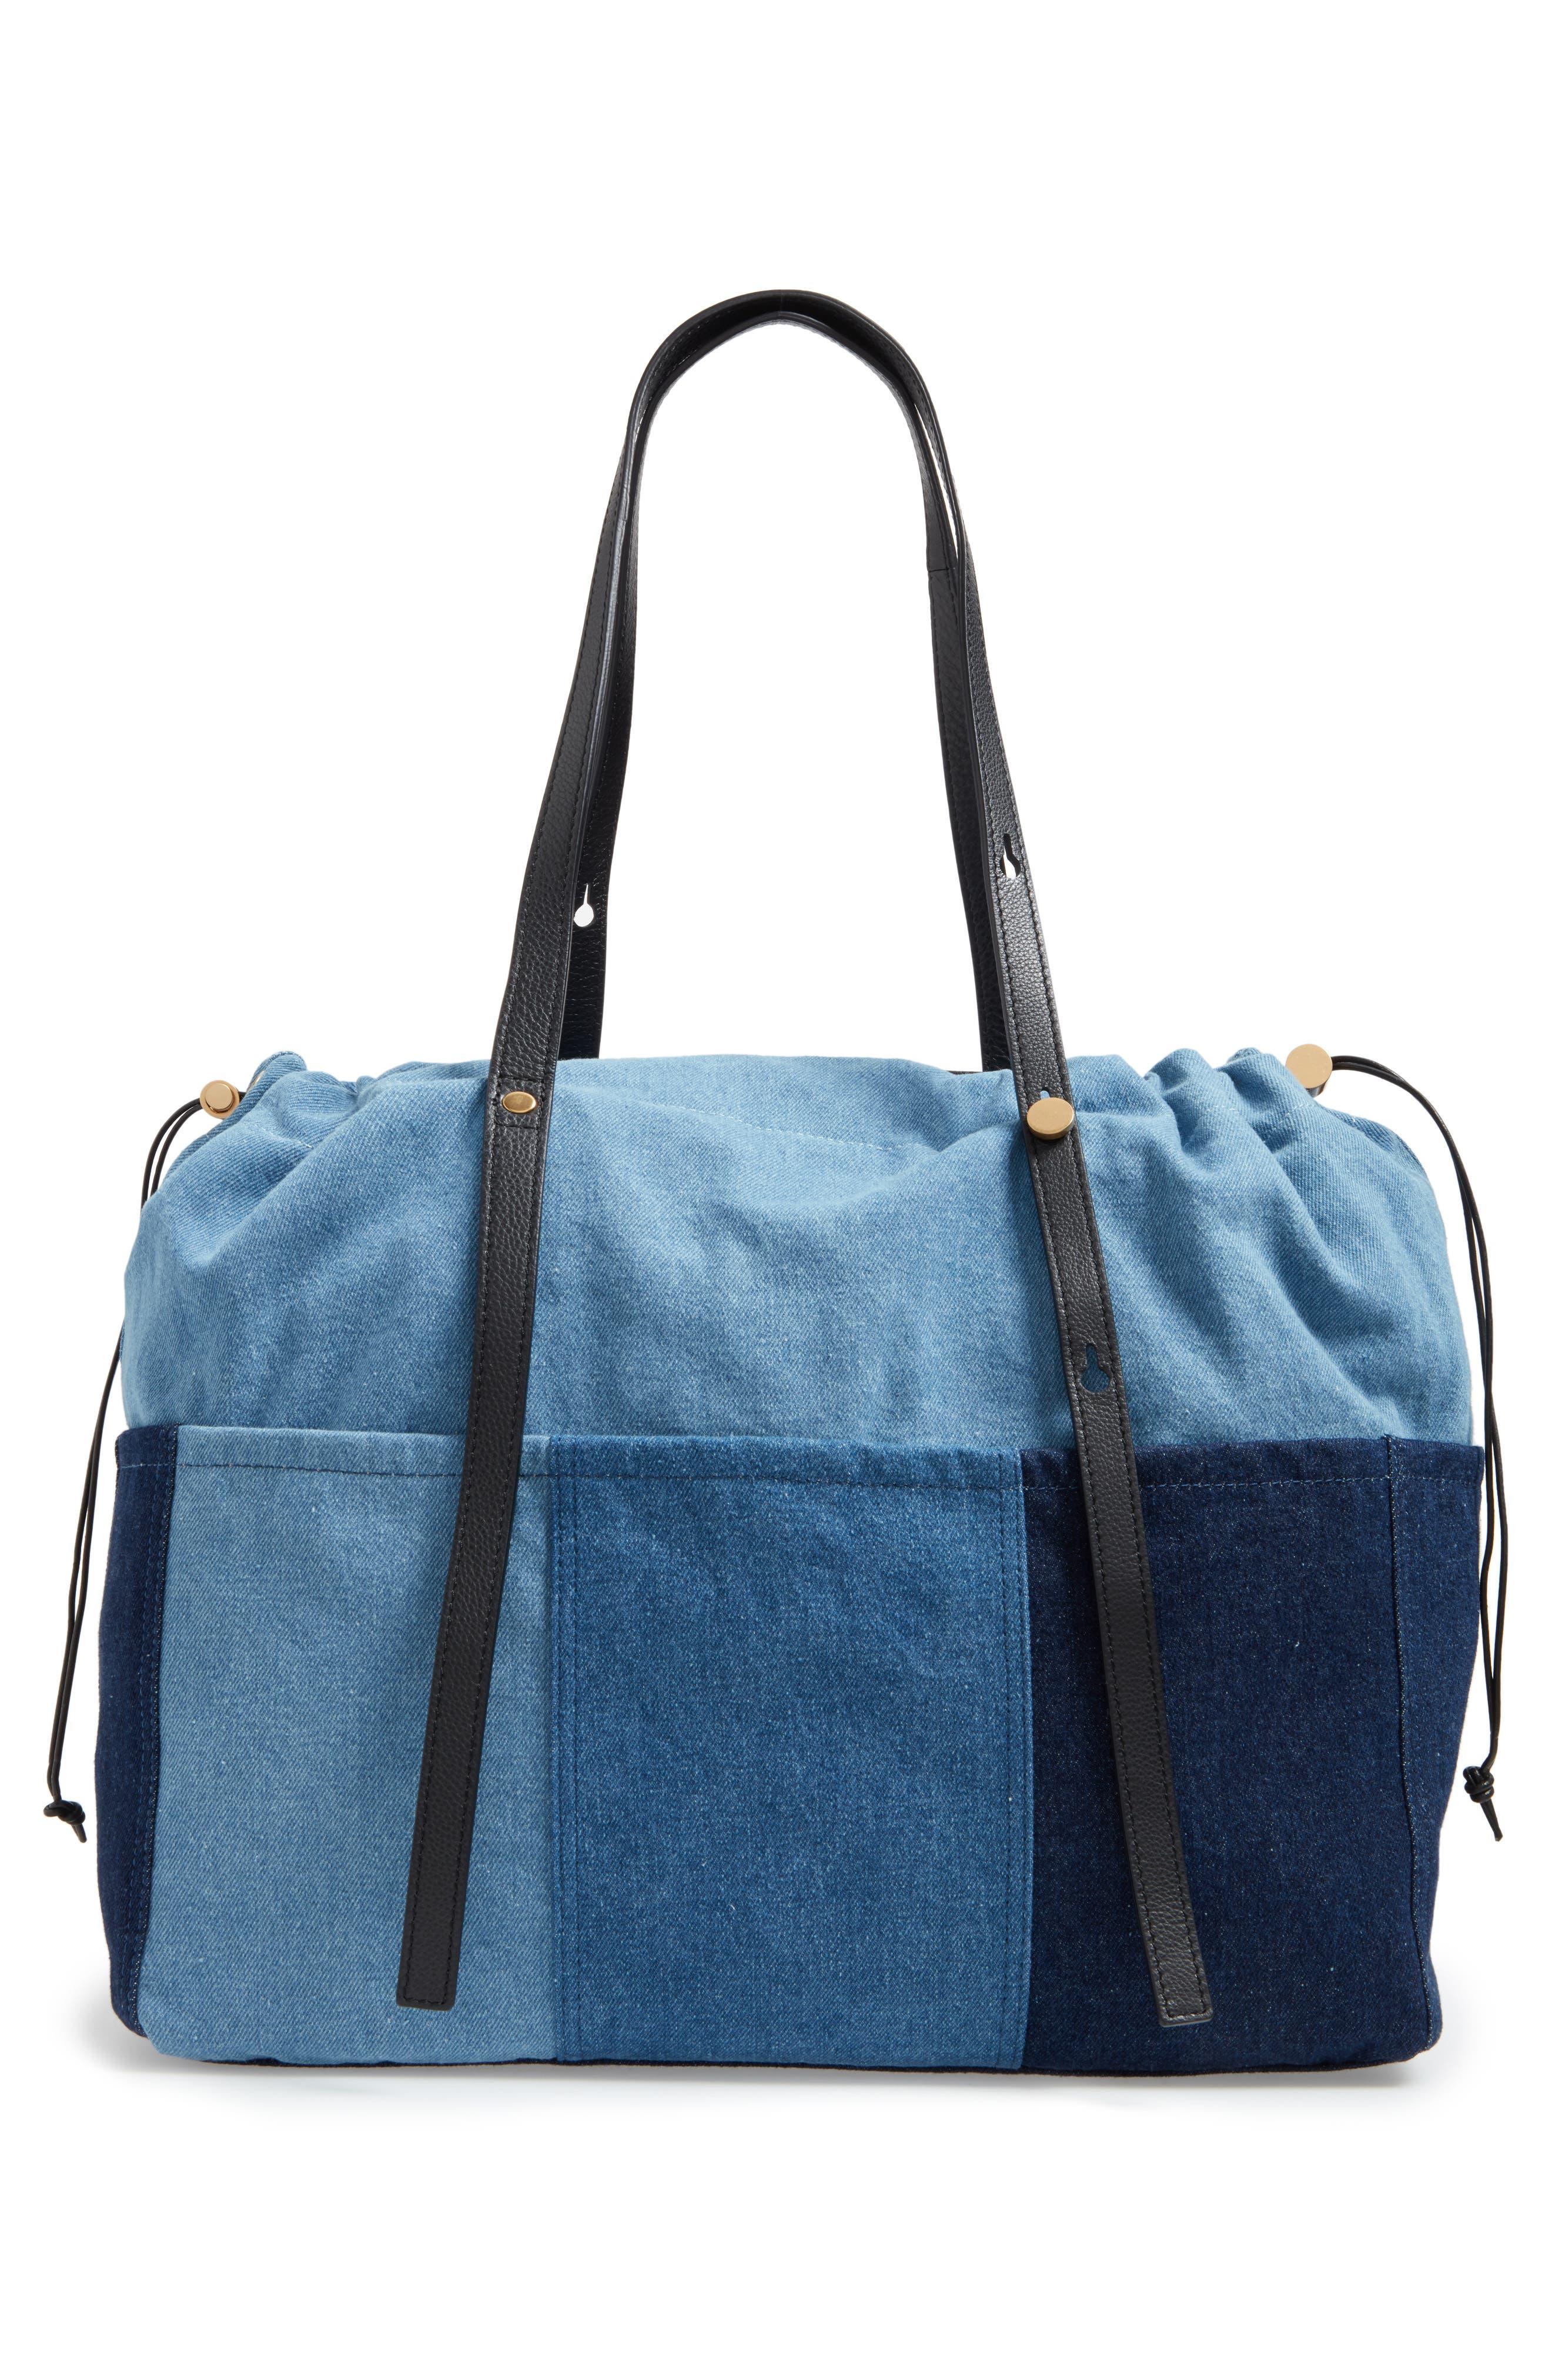 Denim Diaper Bag,                             Alternate thumbnail 3, color,                             460